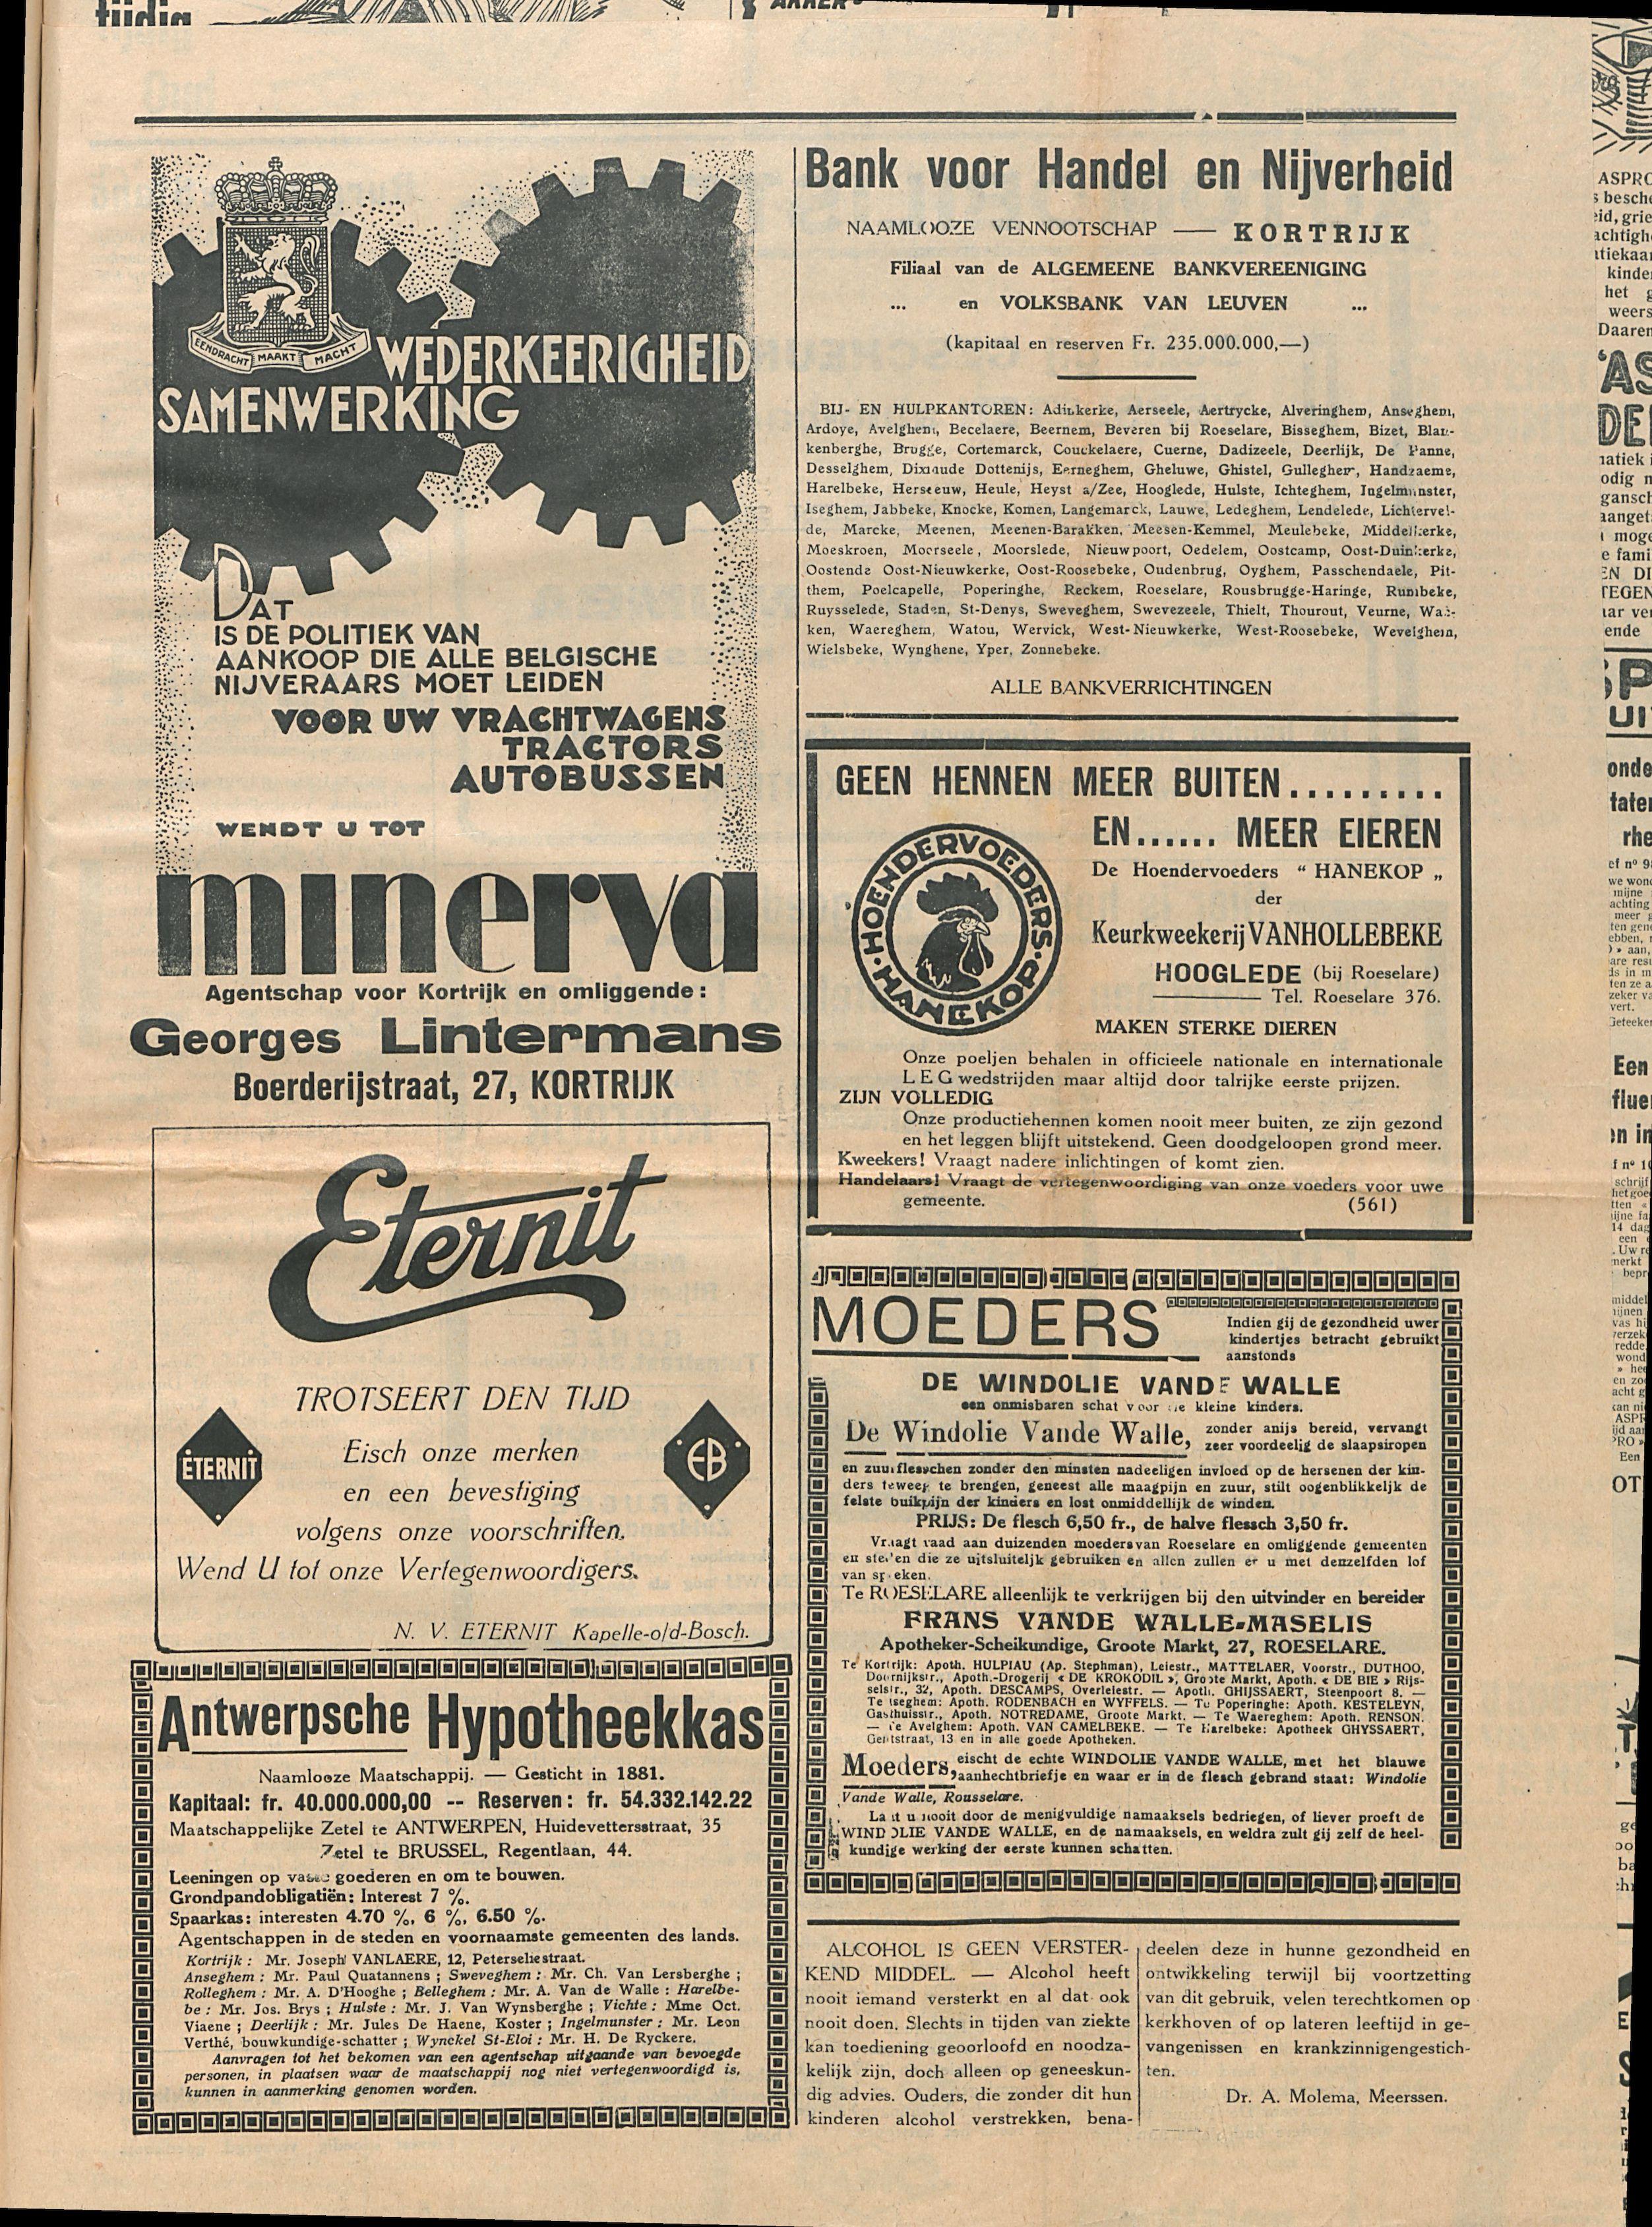 Het Kortrijksche Volk 1929-12-22 p3